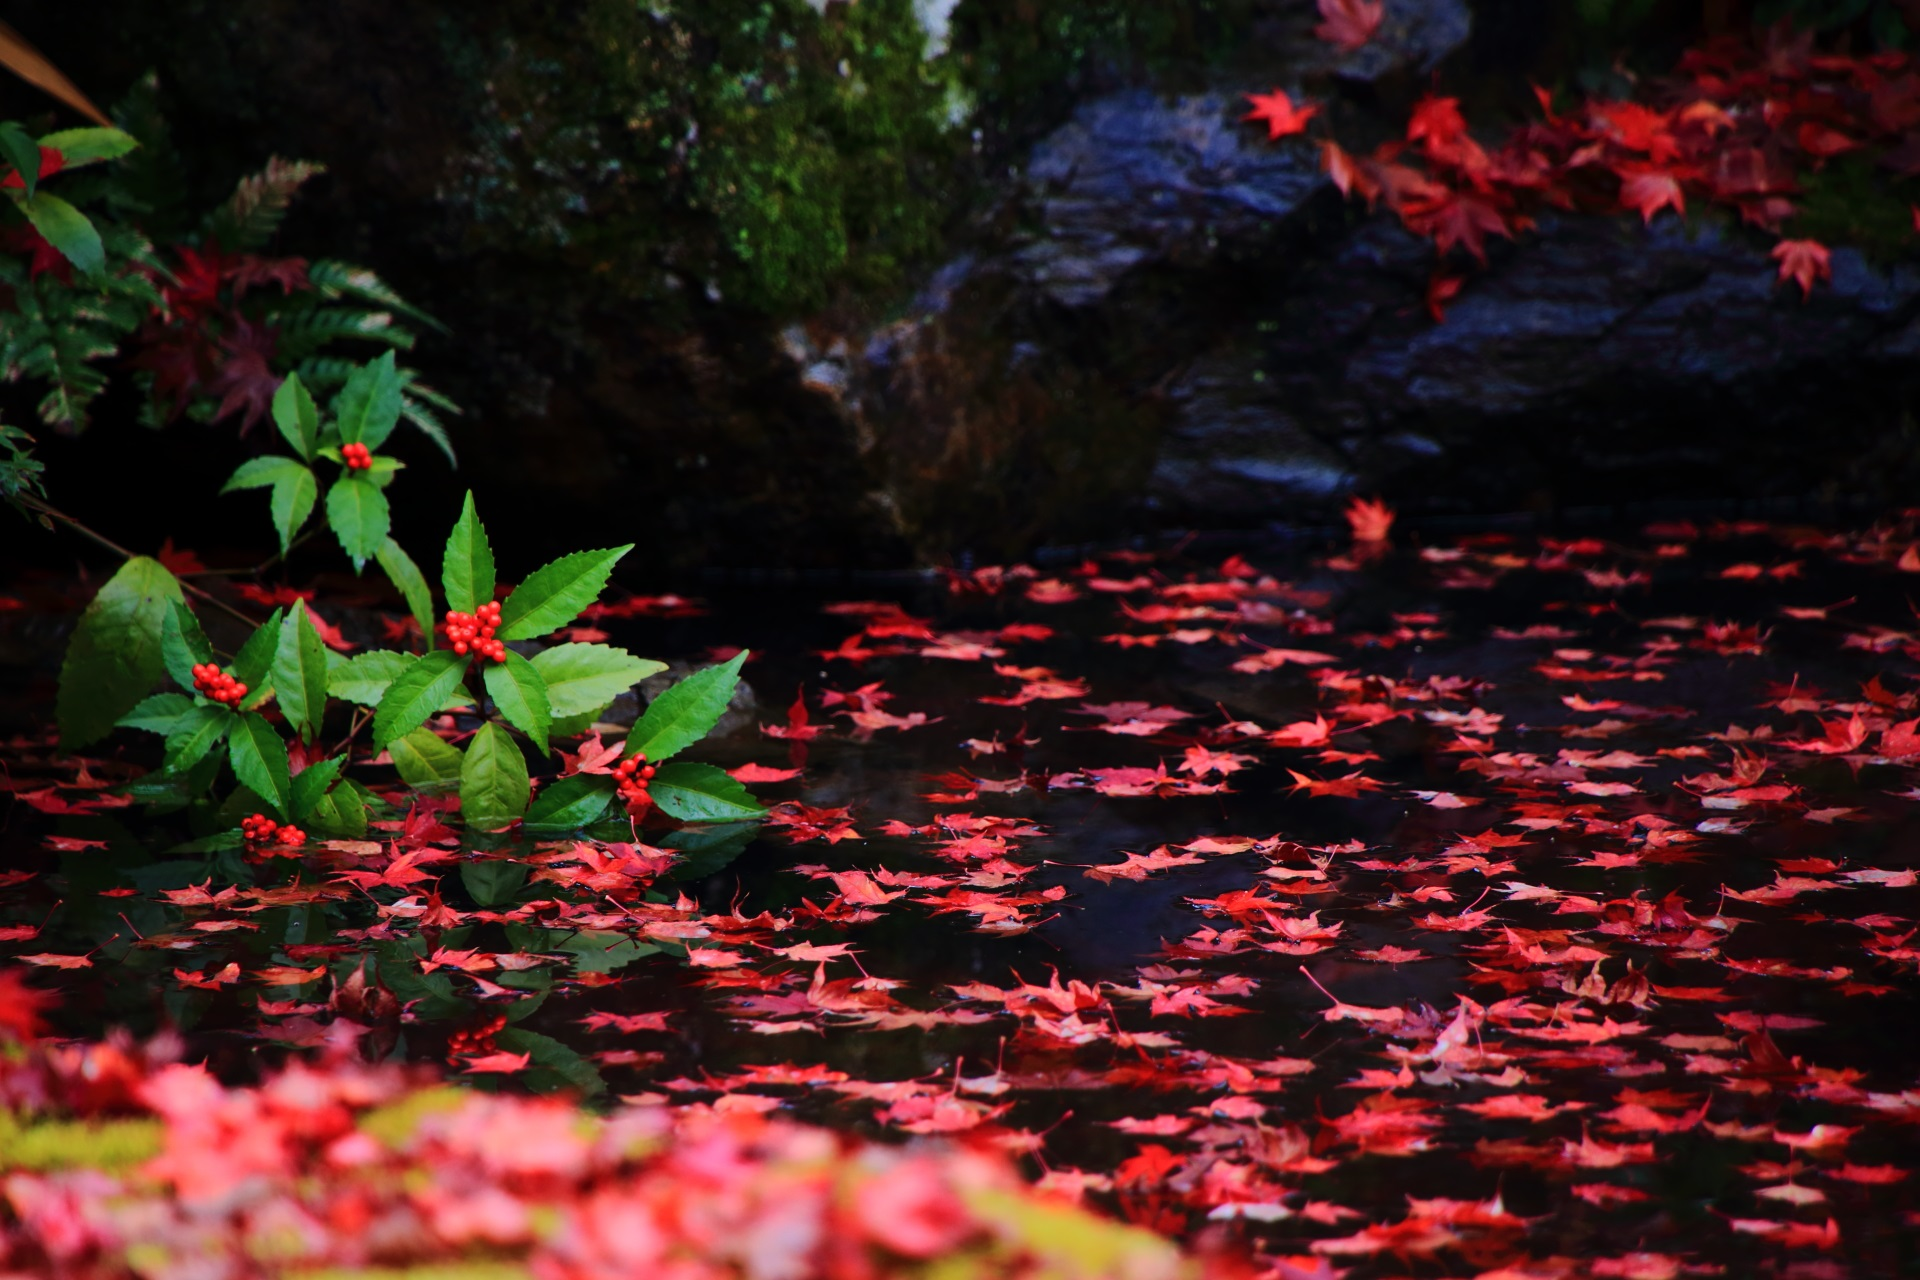 絵になる千両か万両の赤い実と赤い散り紅葉